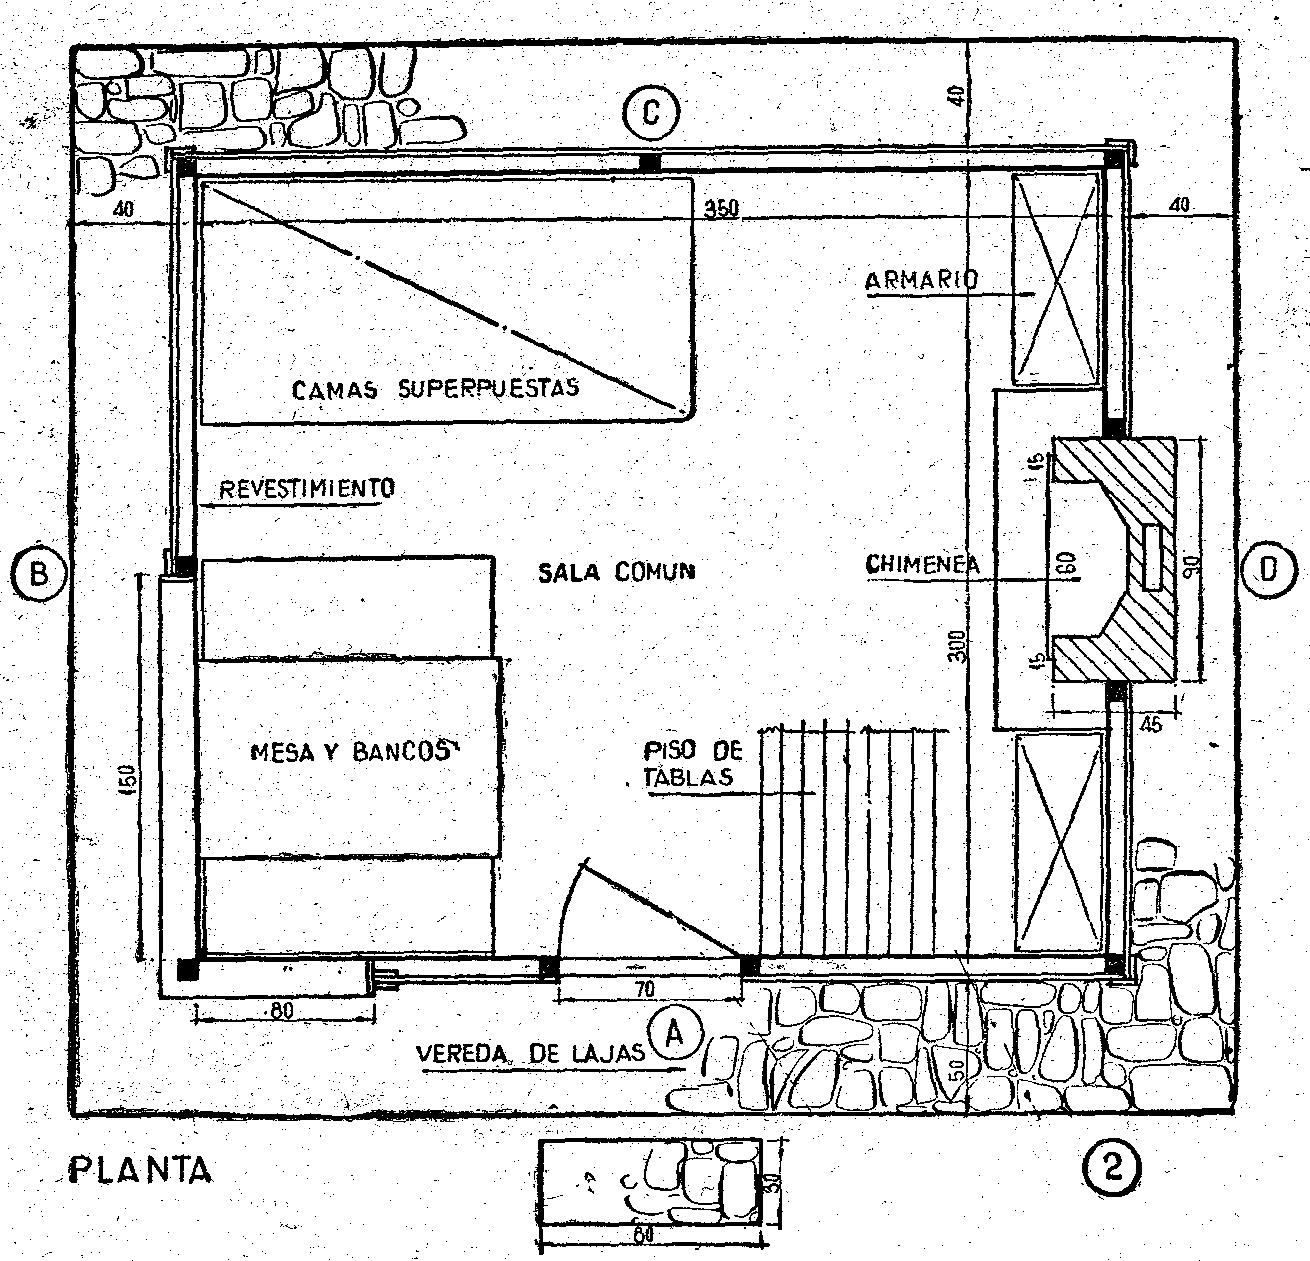 Como construir una casa de madera peque a y ampliable como hacer instrucciones y planos gratis - Como se hace una casa de madera ...